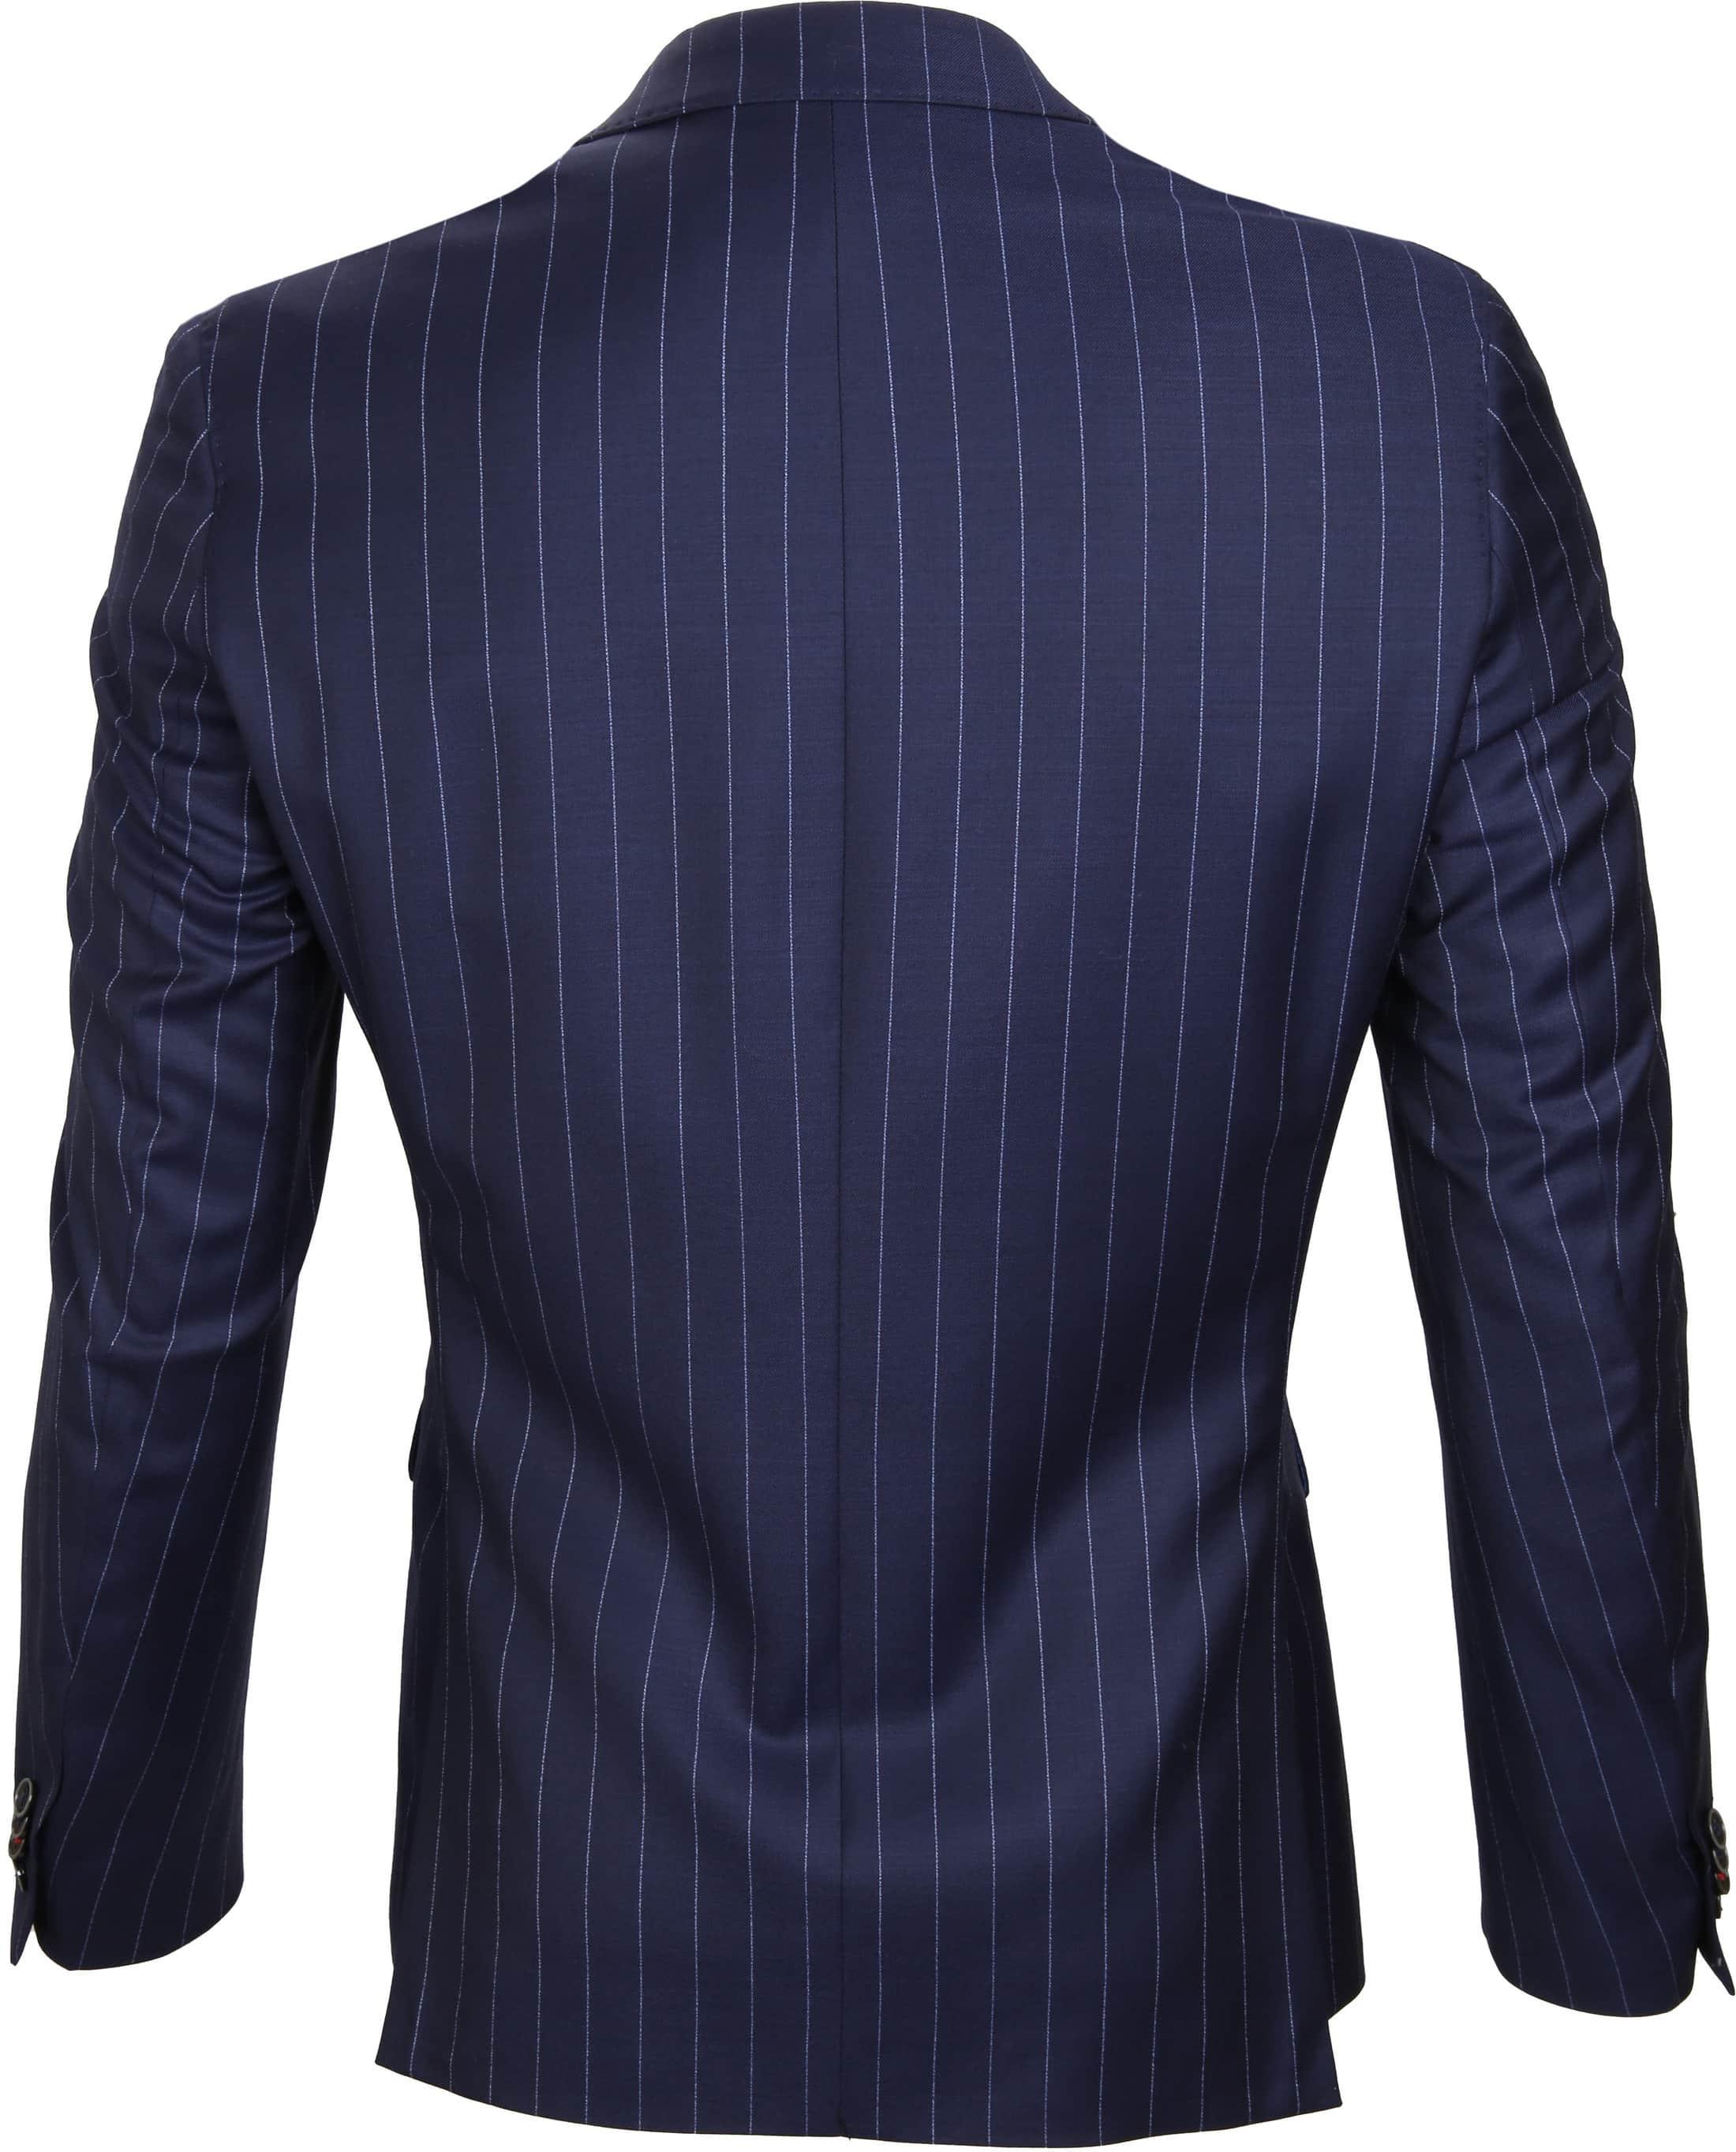 Suitable Suit Nancy Navy Stripe foto 4